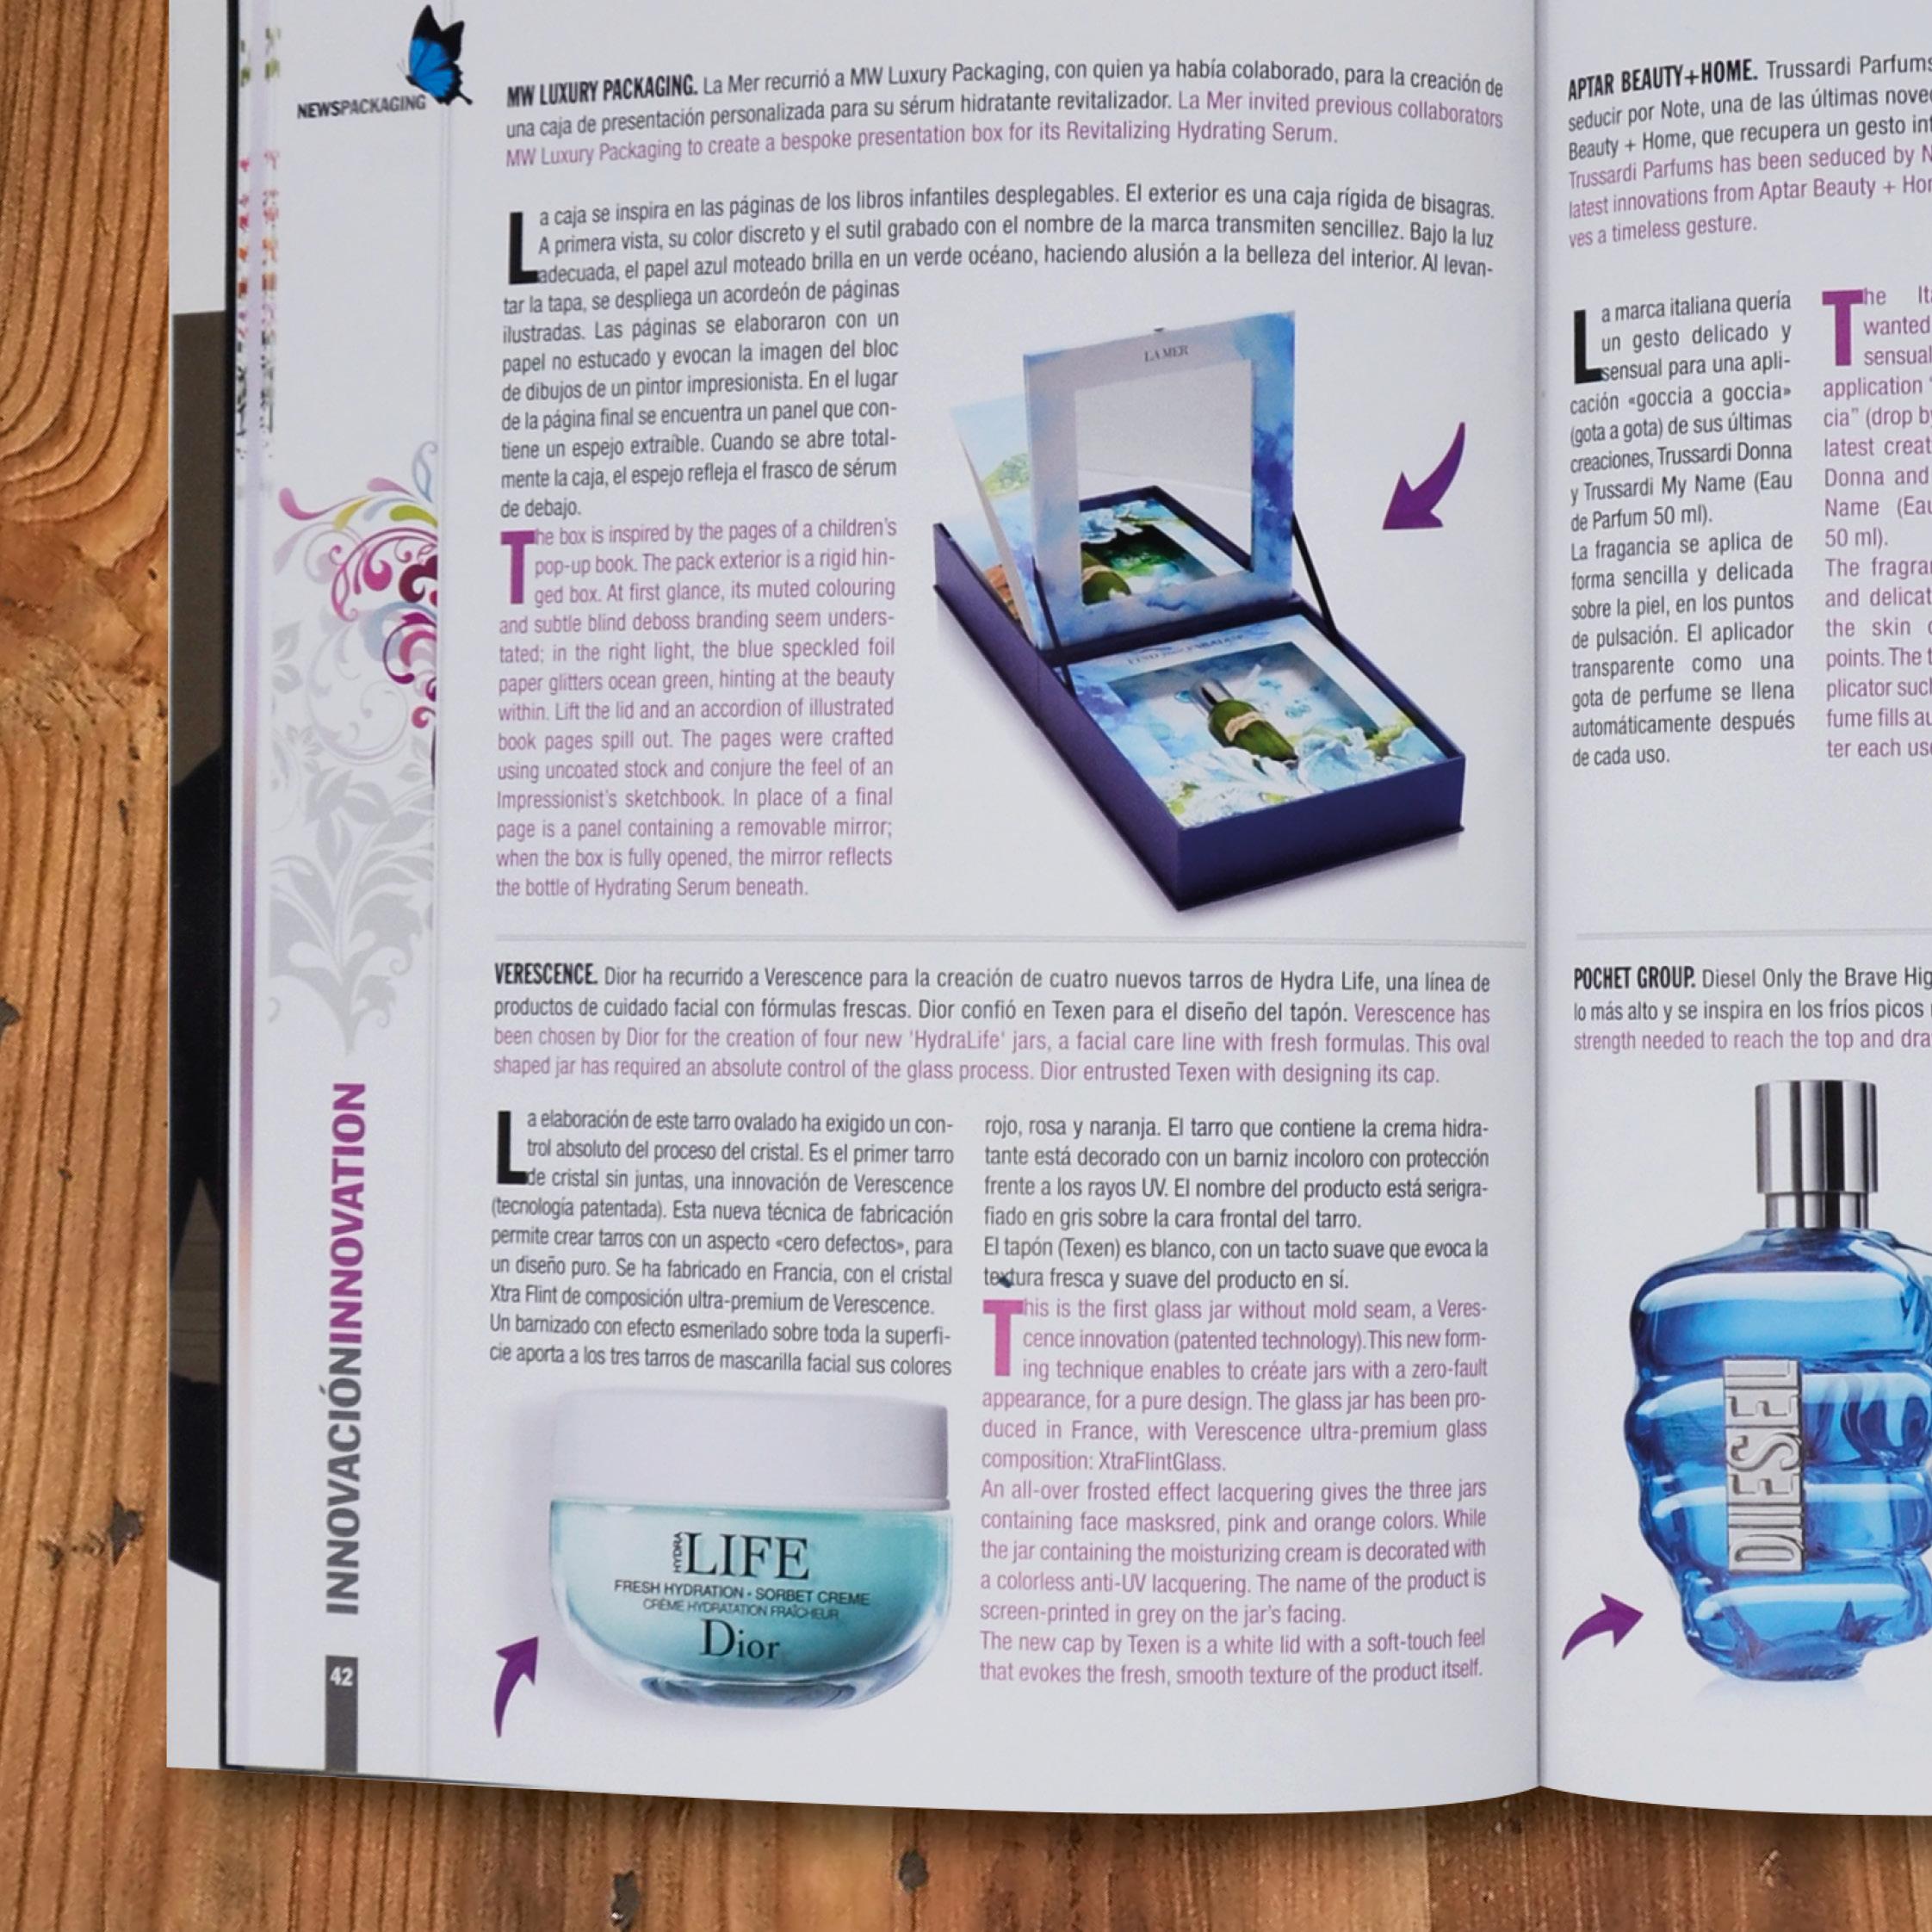 La Mer by MW Luxury Packaging in News Packaging